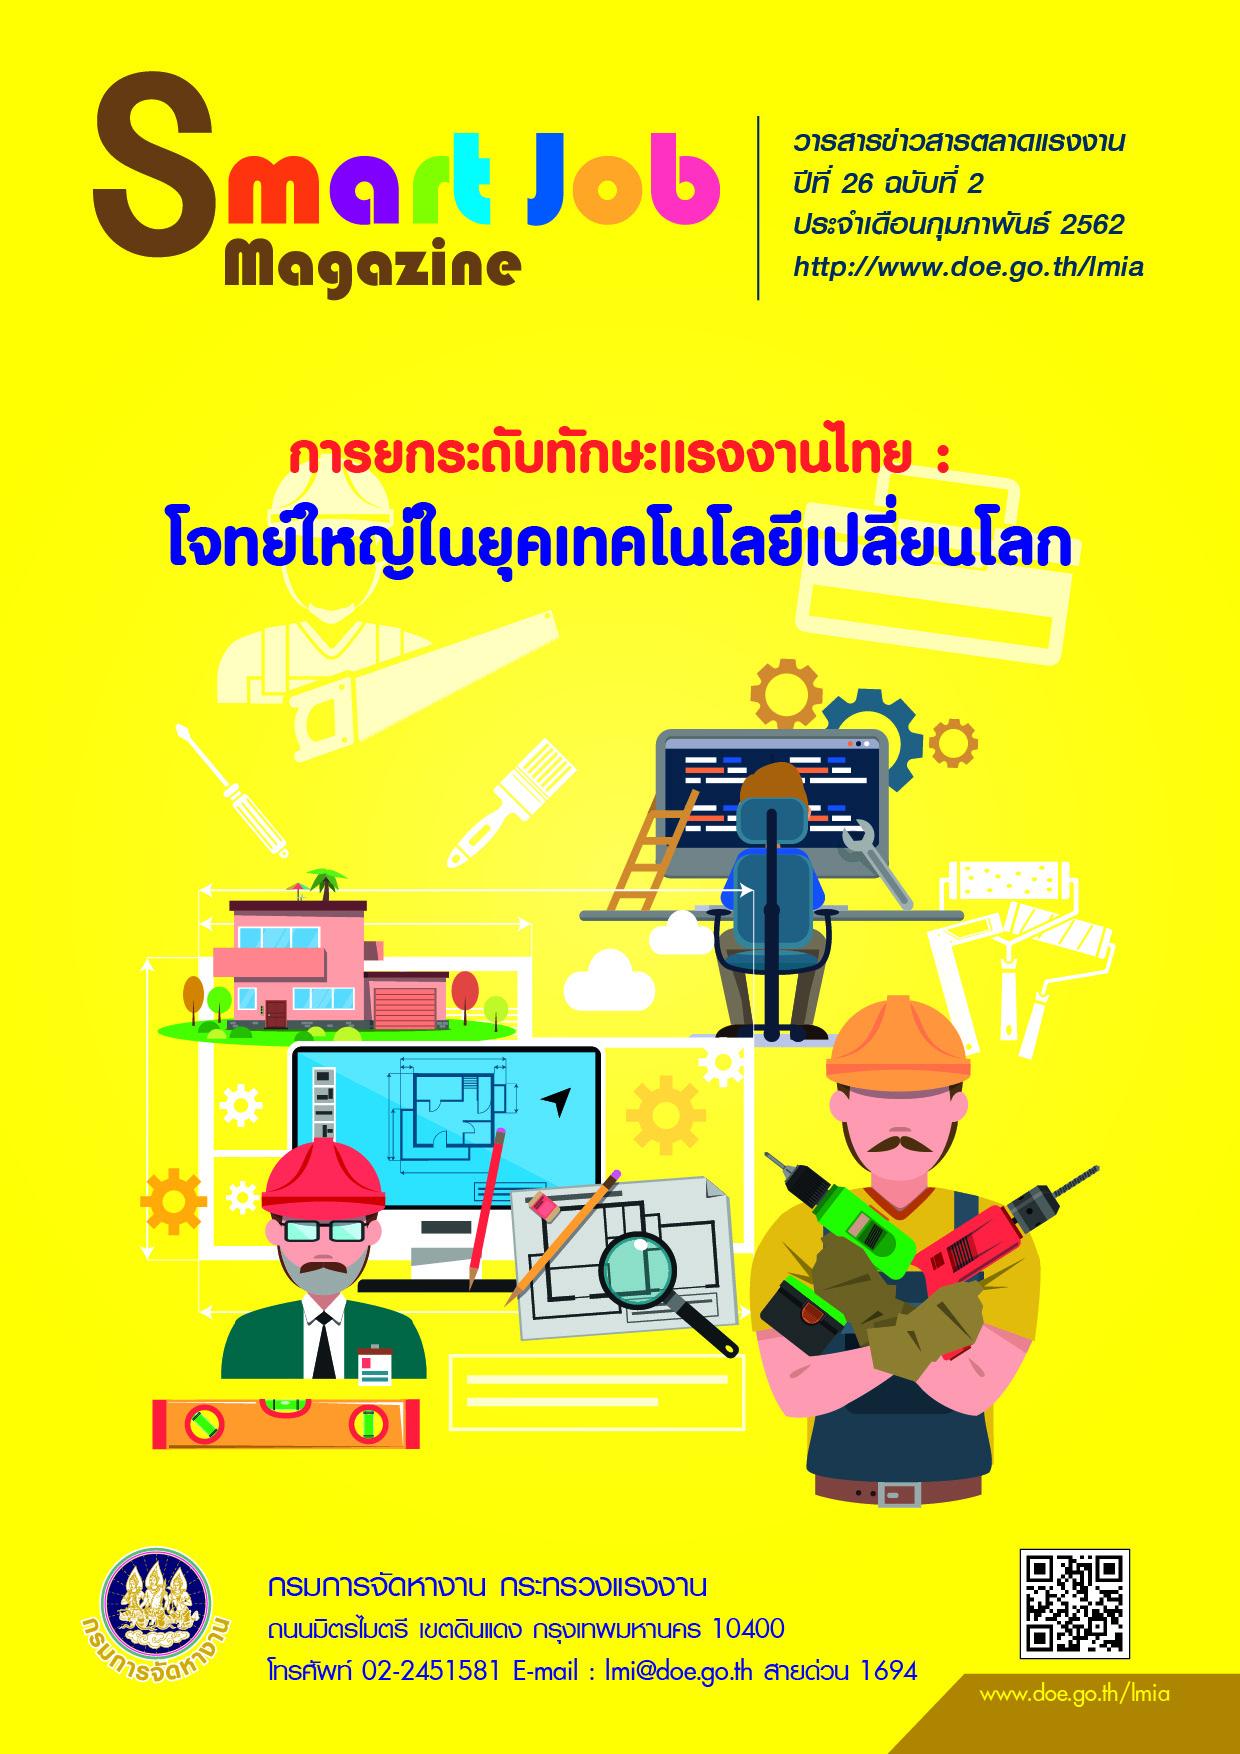 วารสารข่าวสารตลาดแรงงาน Smart Job Magazine ประจำเดือนกุมภาพันธ์ 2562